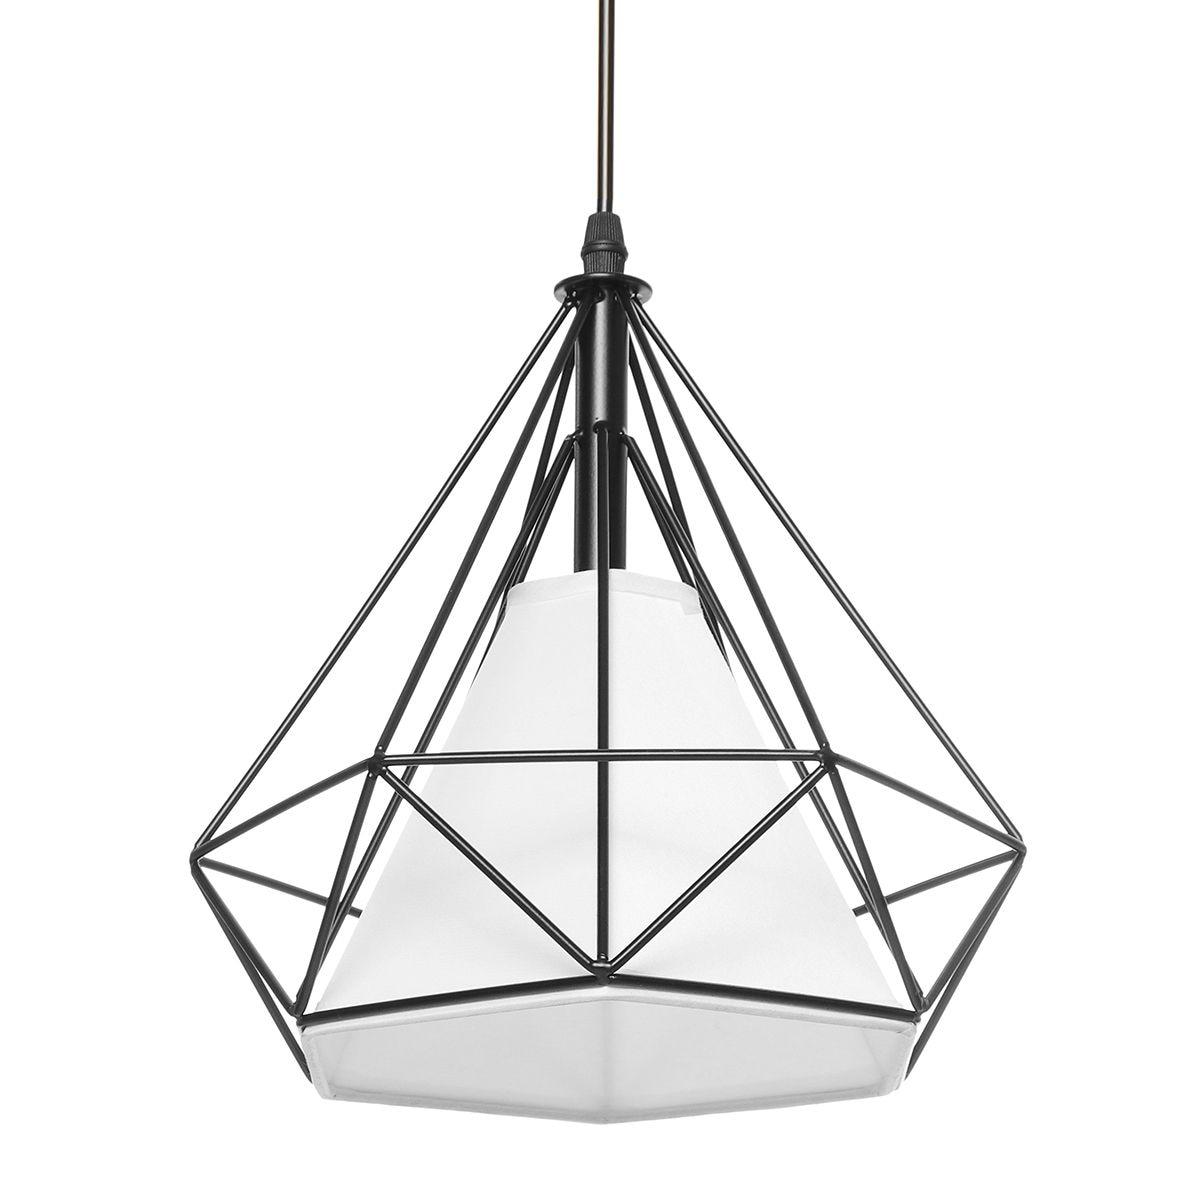 3 cabeças e27 moderna barra de luz pingente restaurante pendurado luminária decoração para casa chá padaria iluminação interior quadrado redondo - 6